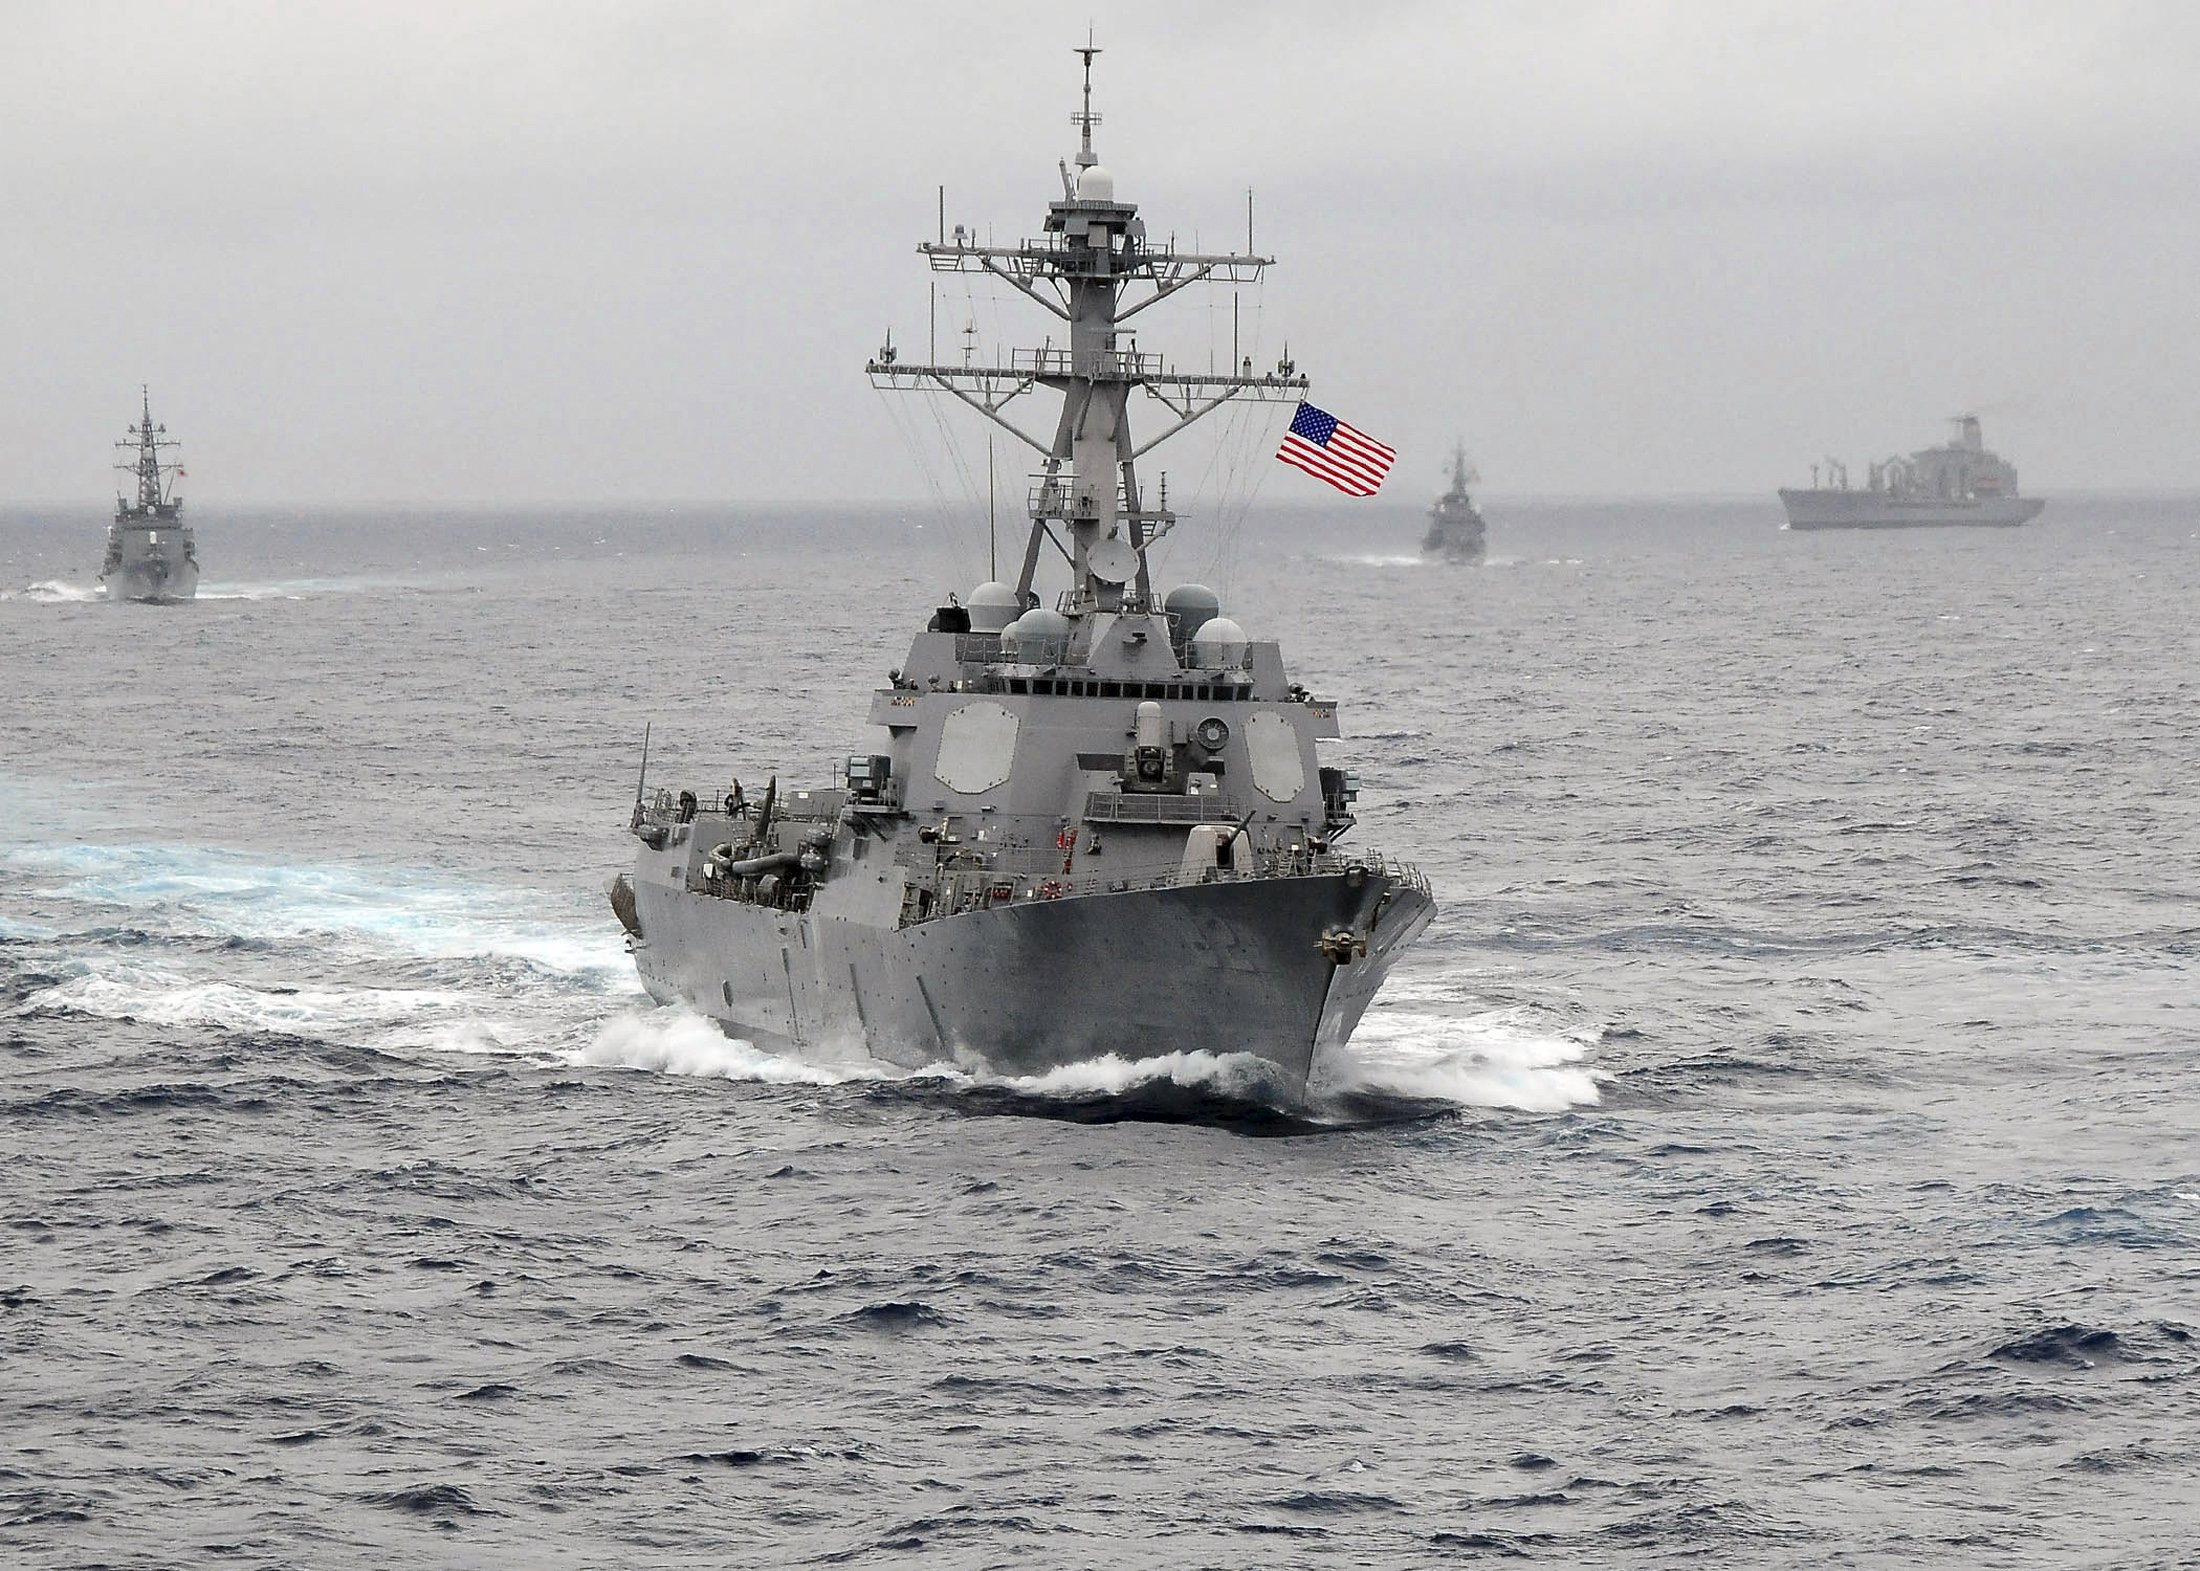 الجيش الأميركي يهدد الصين بمعارك بحرية